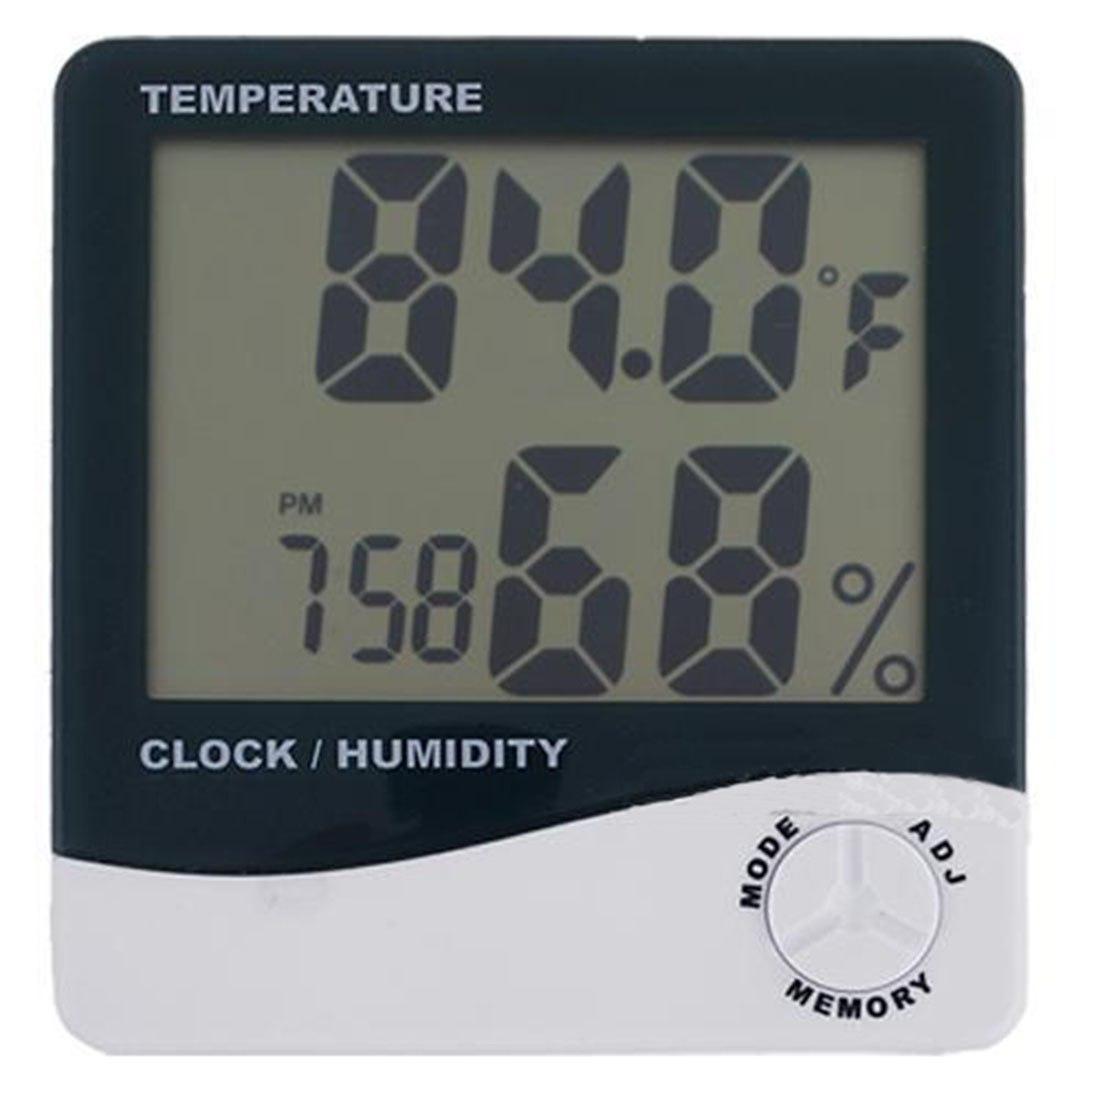 [해외]새로운 날씨 역 디지털 LCD 온도계 습도계 온도 습도계 게이지 시계 알람/New Weather Station Digital LCD Thermometer Hygrometer Temperature Humidity Meter Gauge Clock Alarm Whol